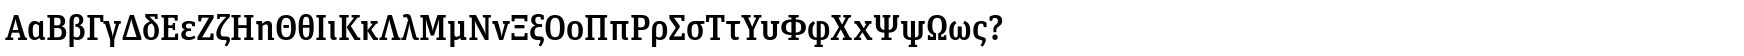 UnitSlabOffcPro-Medium.ttf